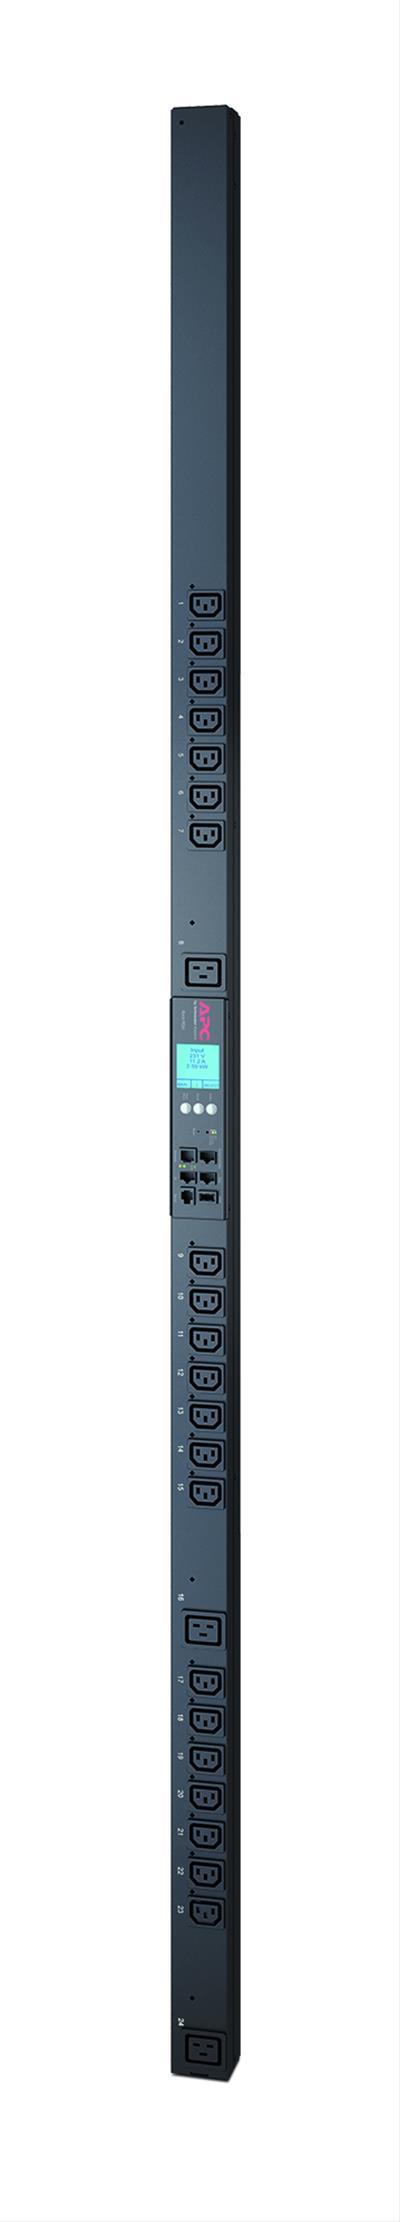 Unidad de distribución de energía PDU APC AP8659 ...